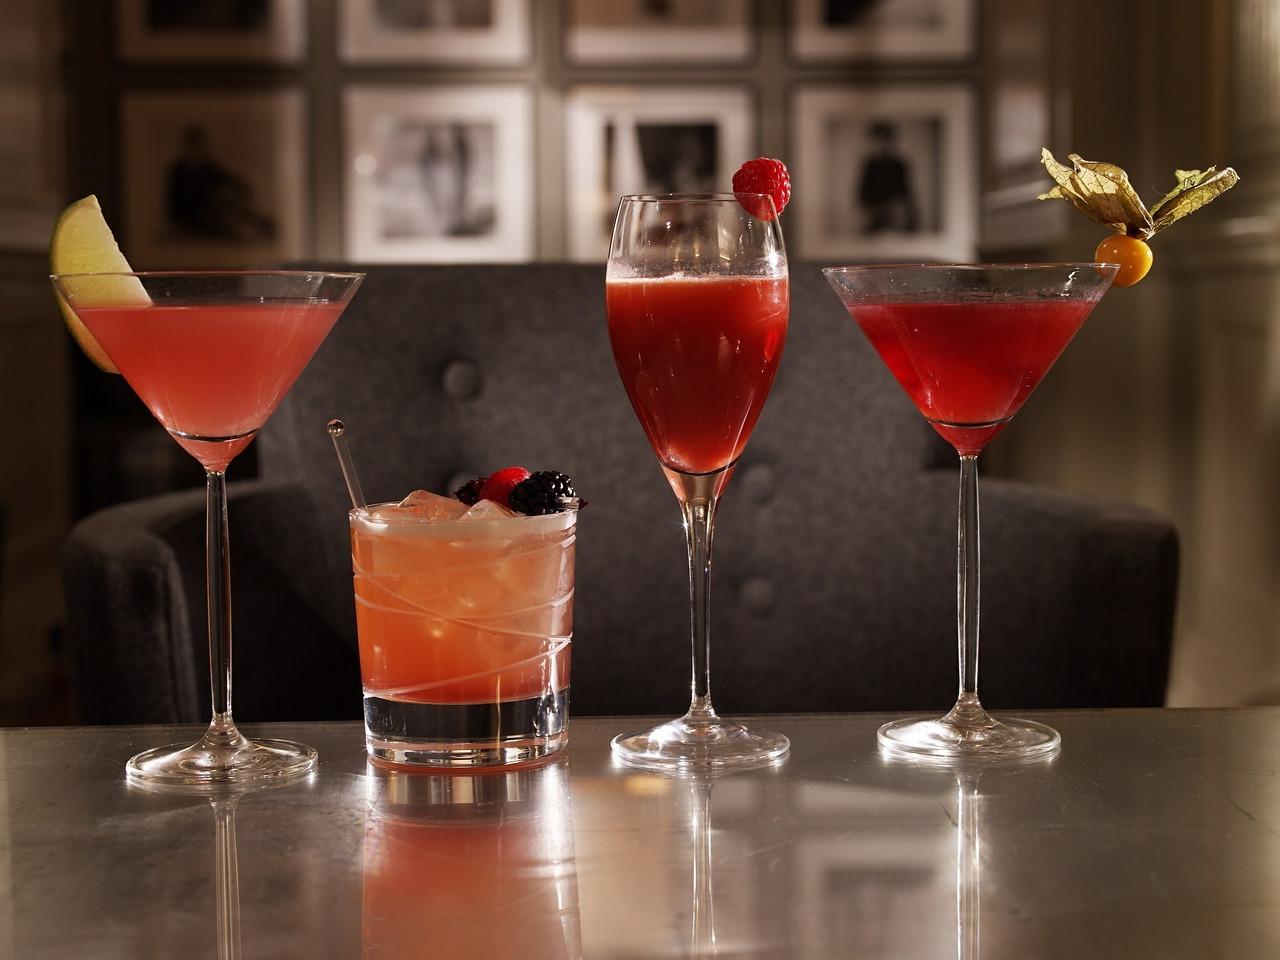 Cocktails in verschiedenen Größen, Farben und Formen.